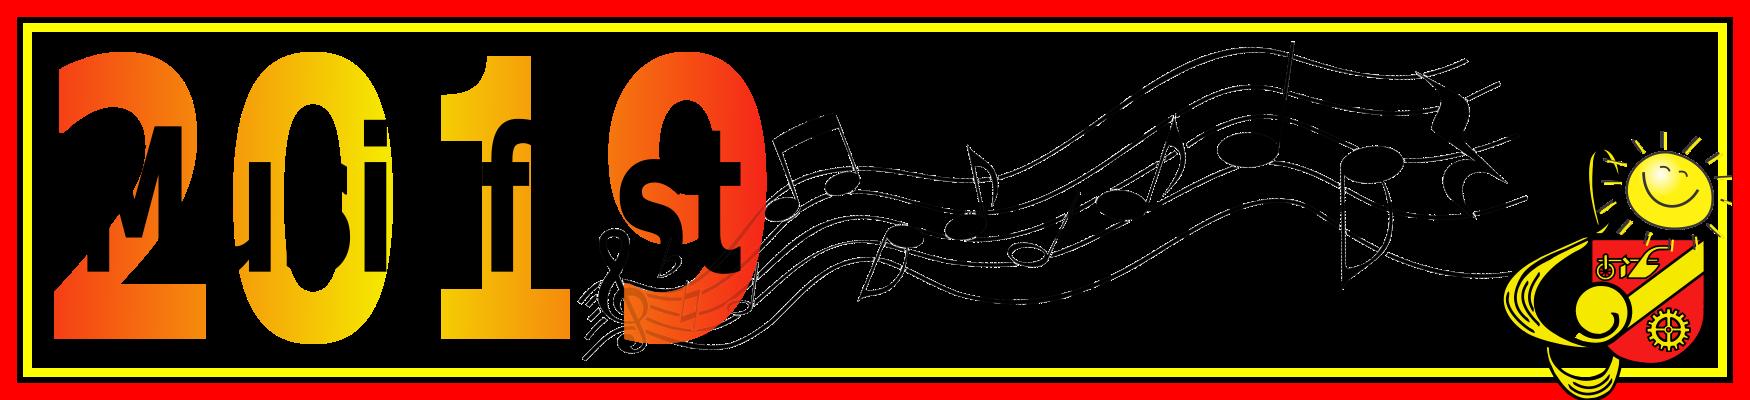 Musikfest 2019 vom 28.06. - 01.07. auf dem Tammer Rathausplatz